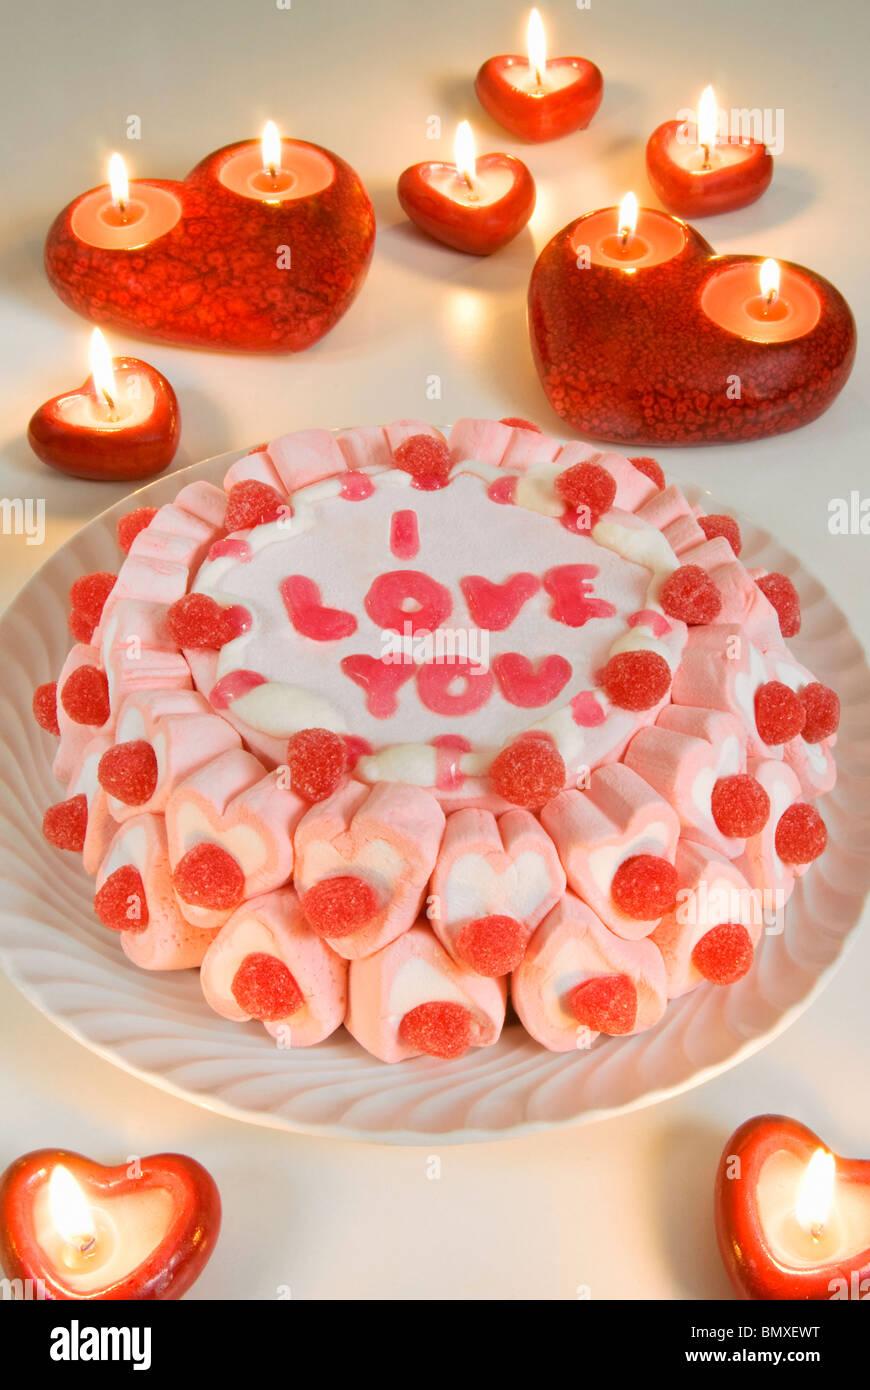 Gâteau, je vous aime, Photo Stock